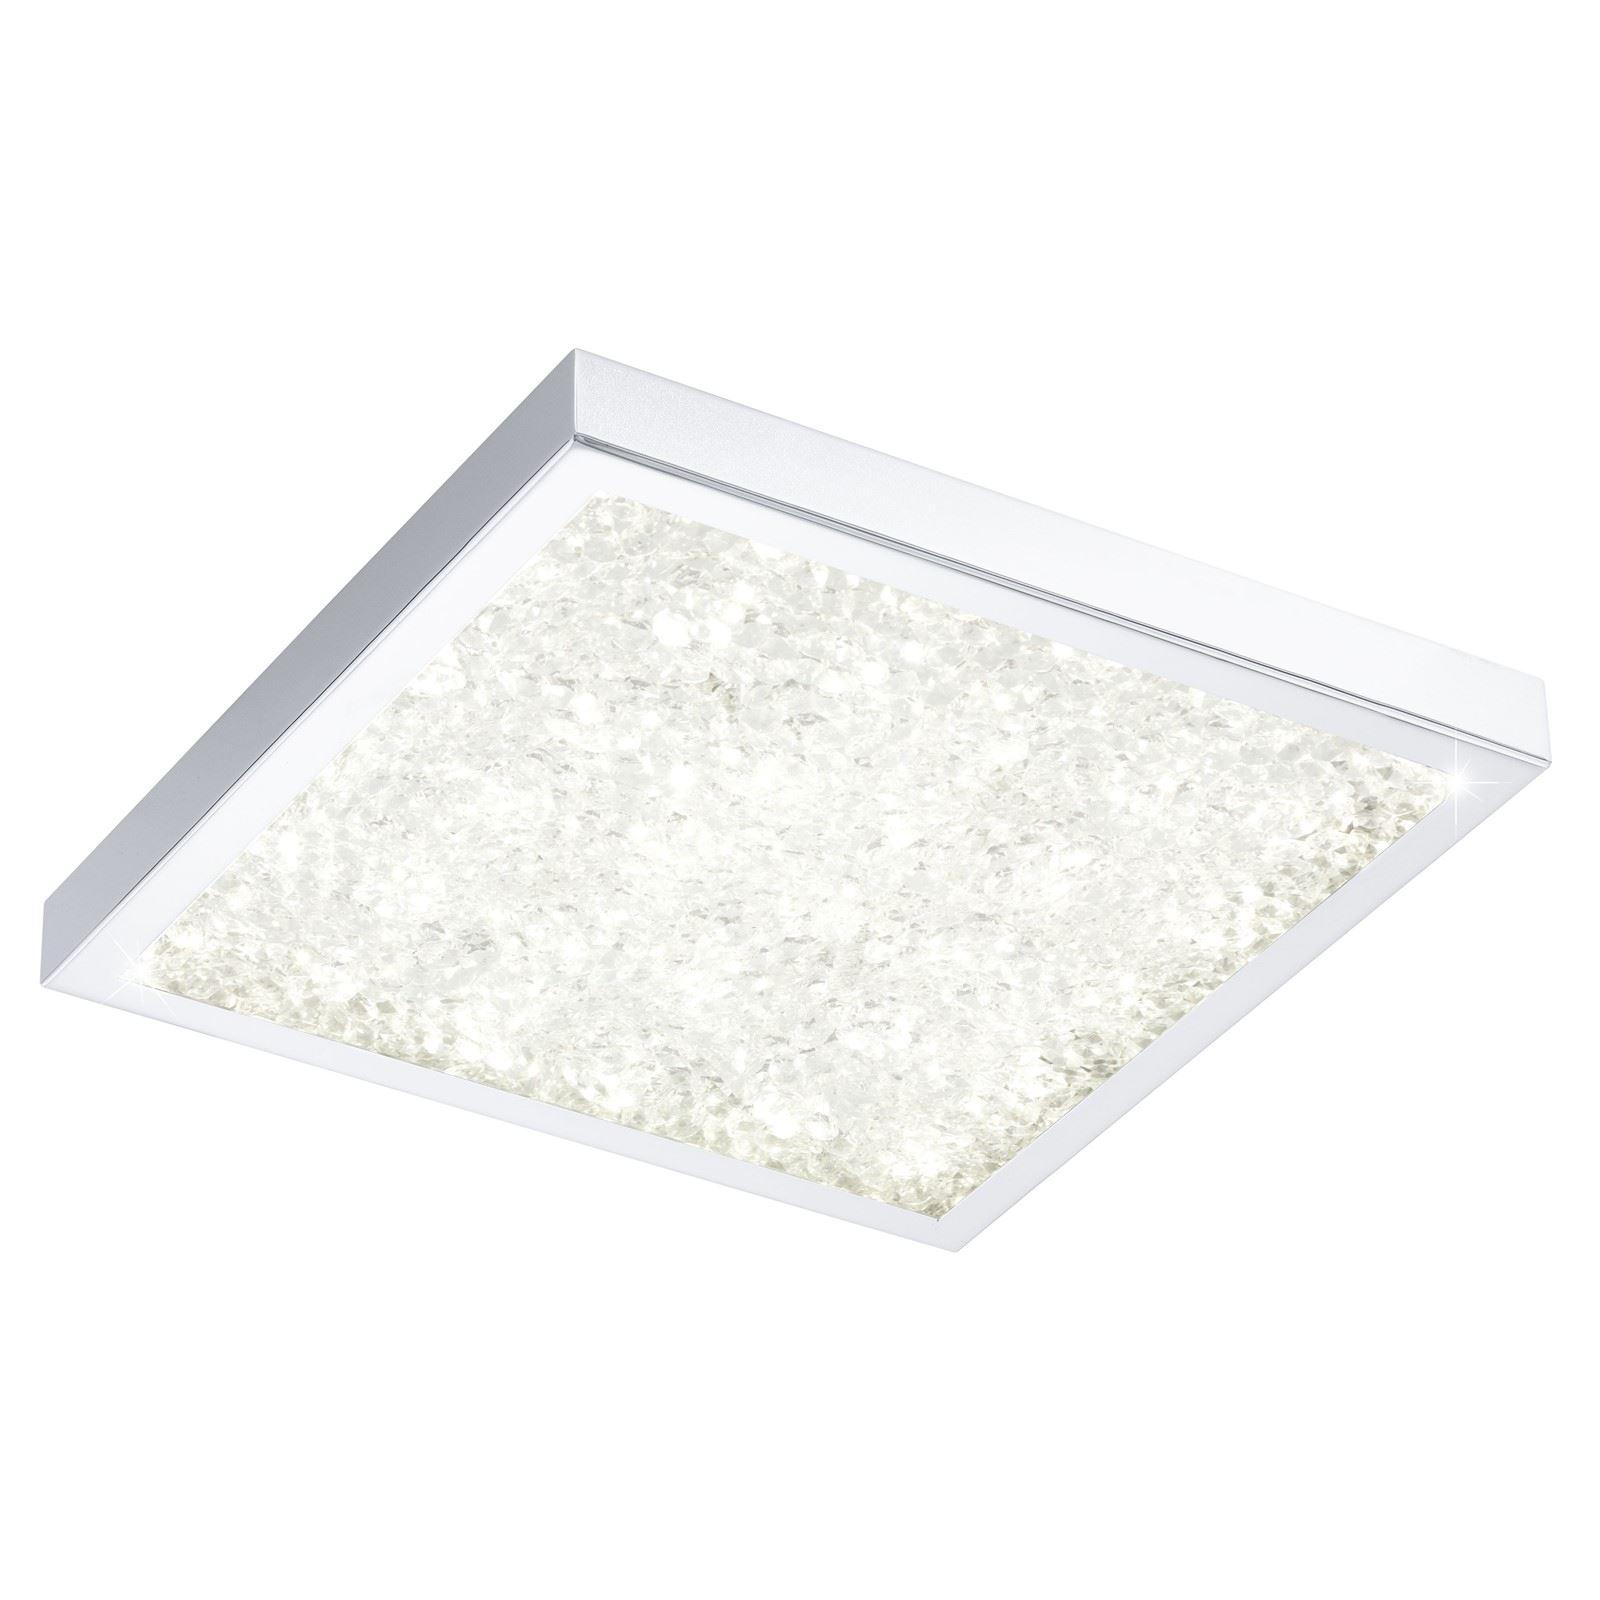 Cardito Led Ceiling Light 16W Chrome Length 320 Mm